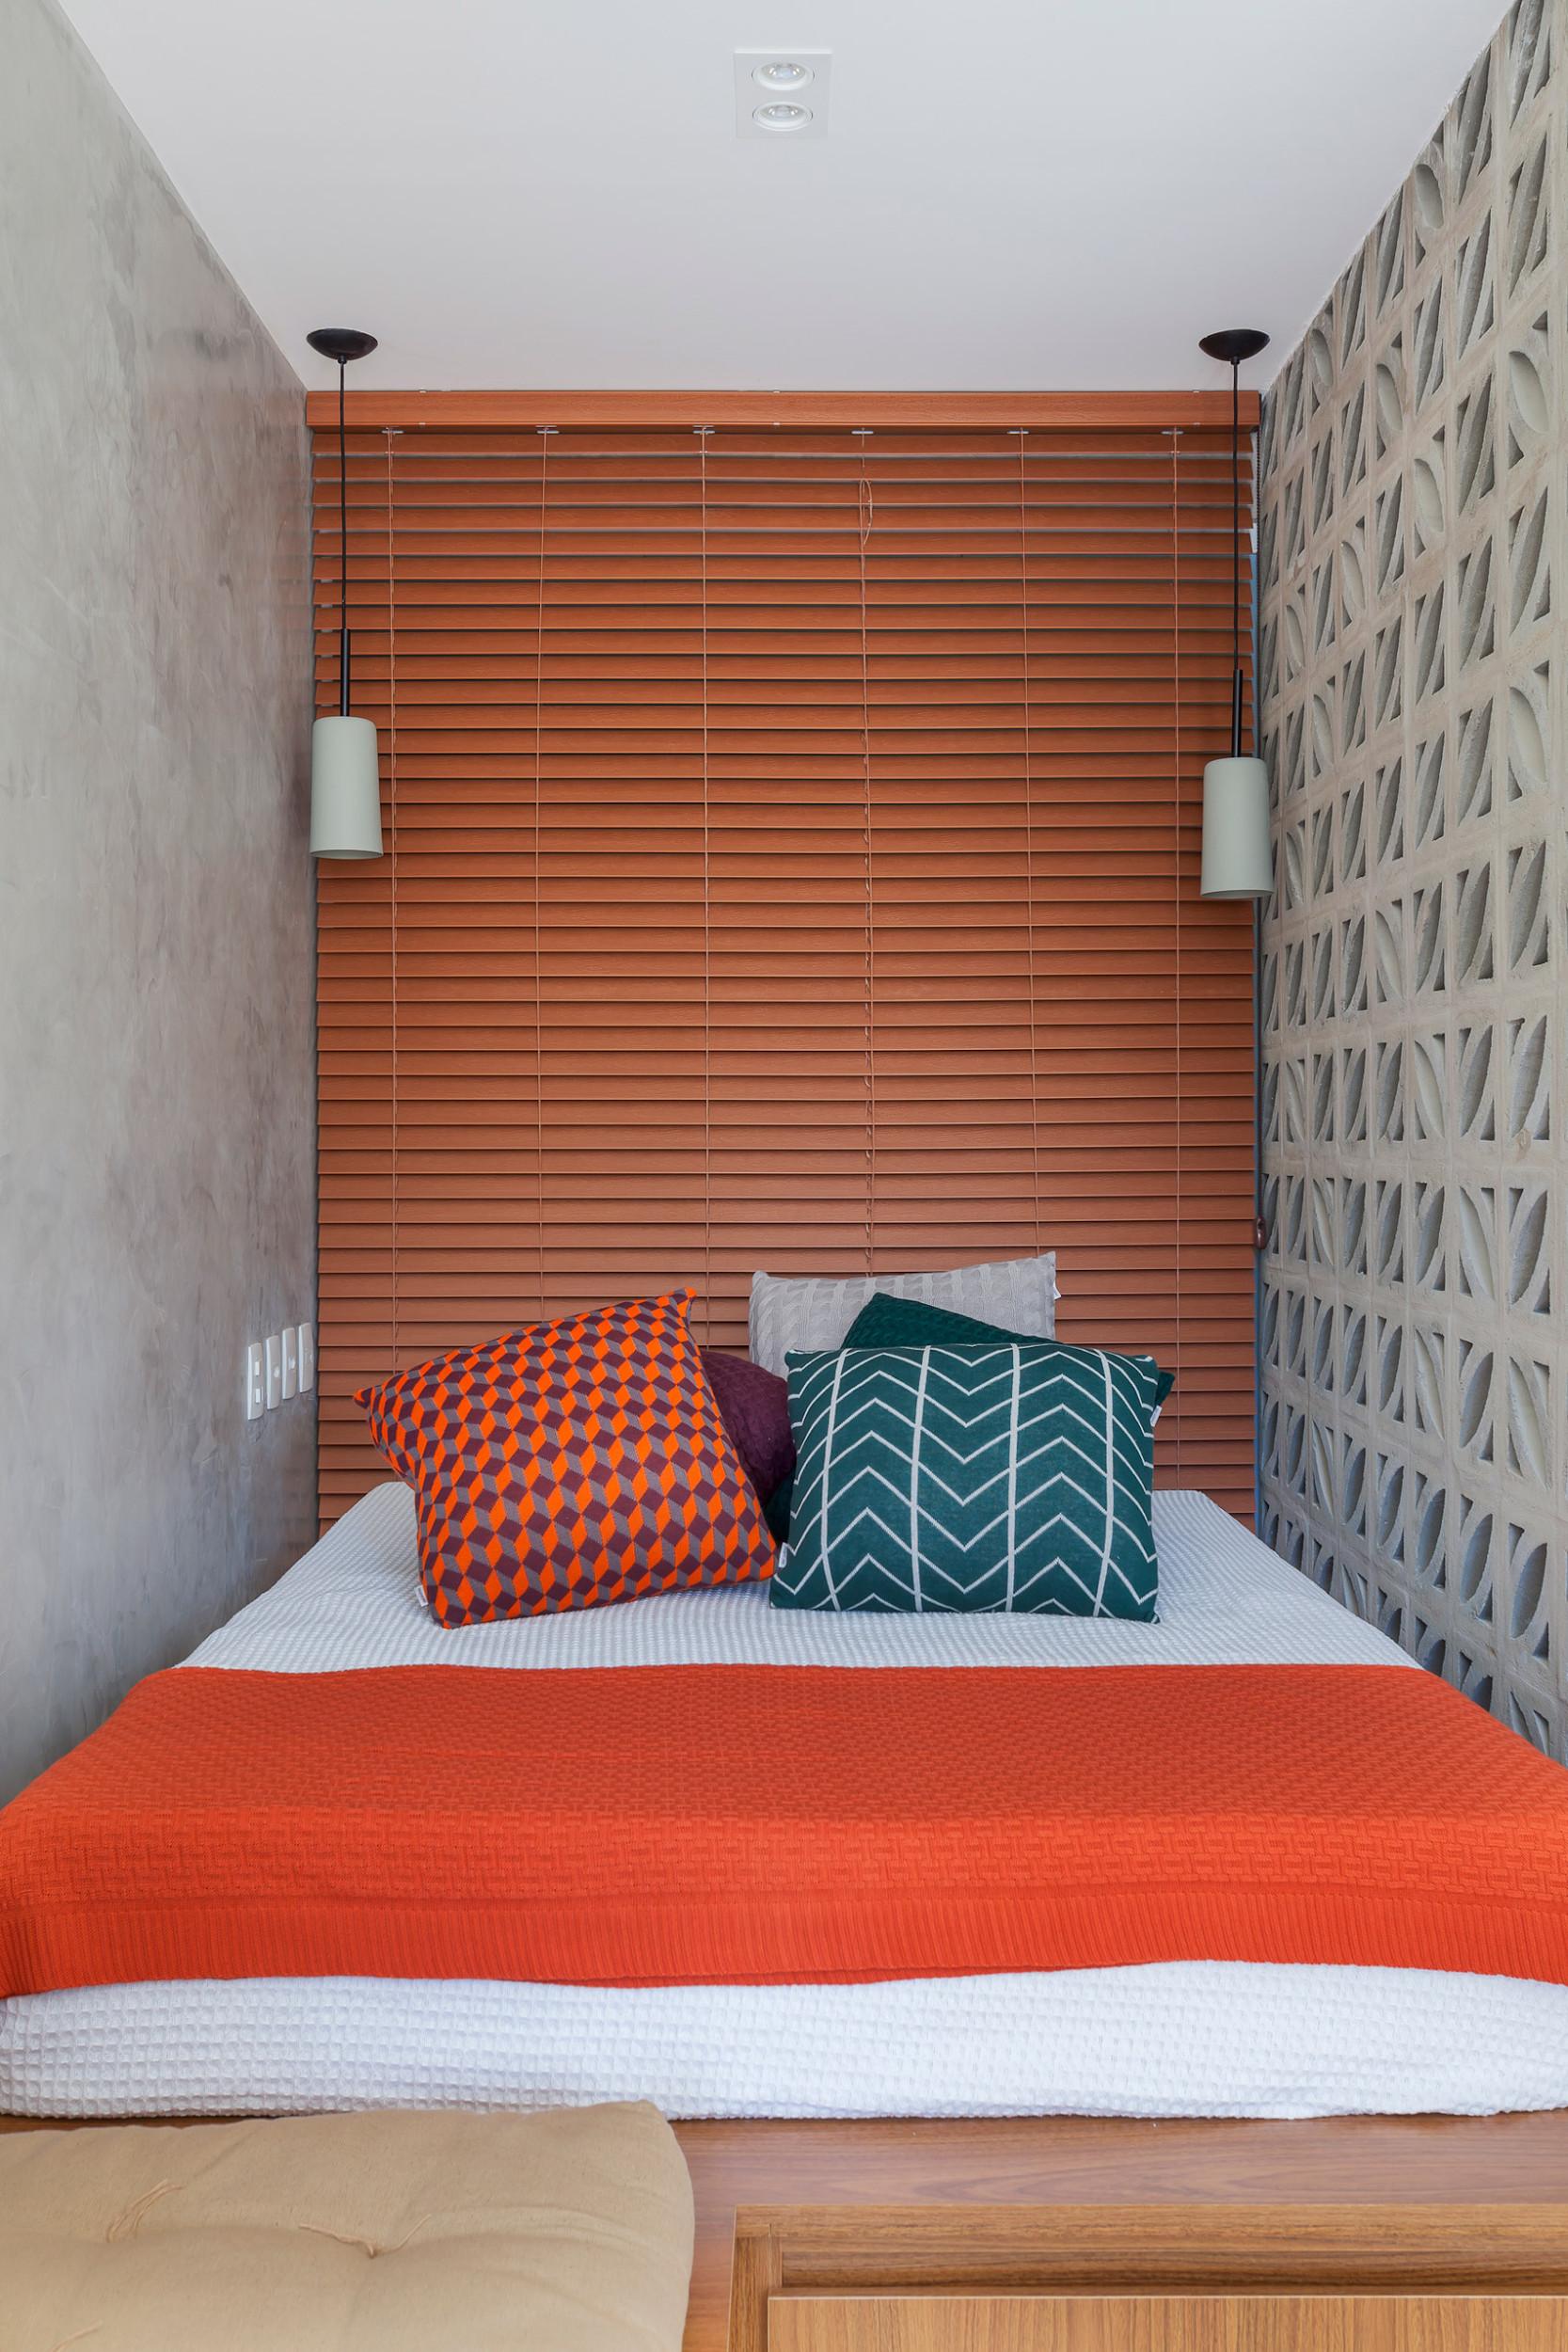 Giường ngủ được bao quanh bởi 3 bức tường. Nhờ sự kết hợp màu sắc thông minh, không gian ngủ không những không bí bách mà còn rất hợp lý, hài hoà